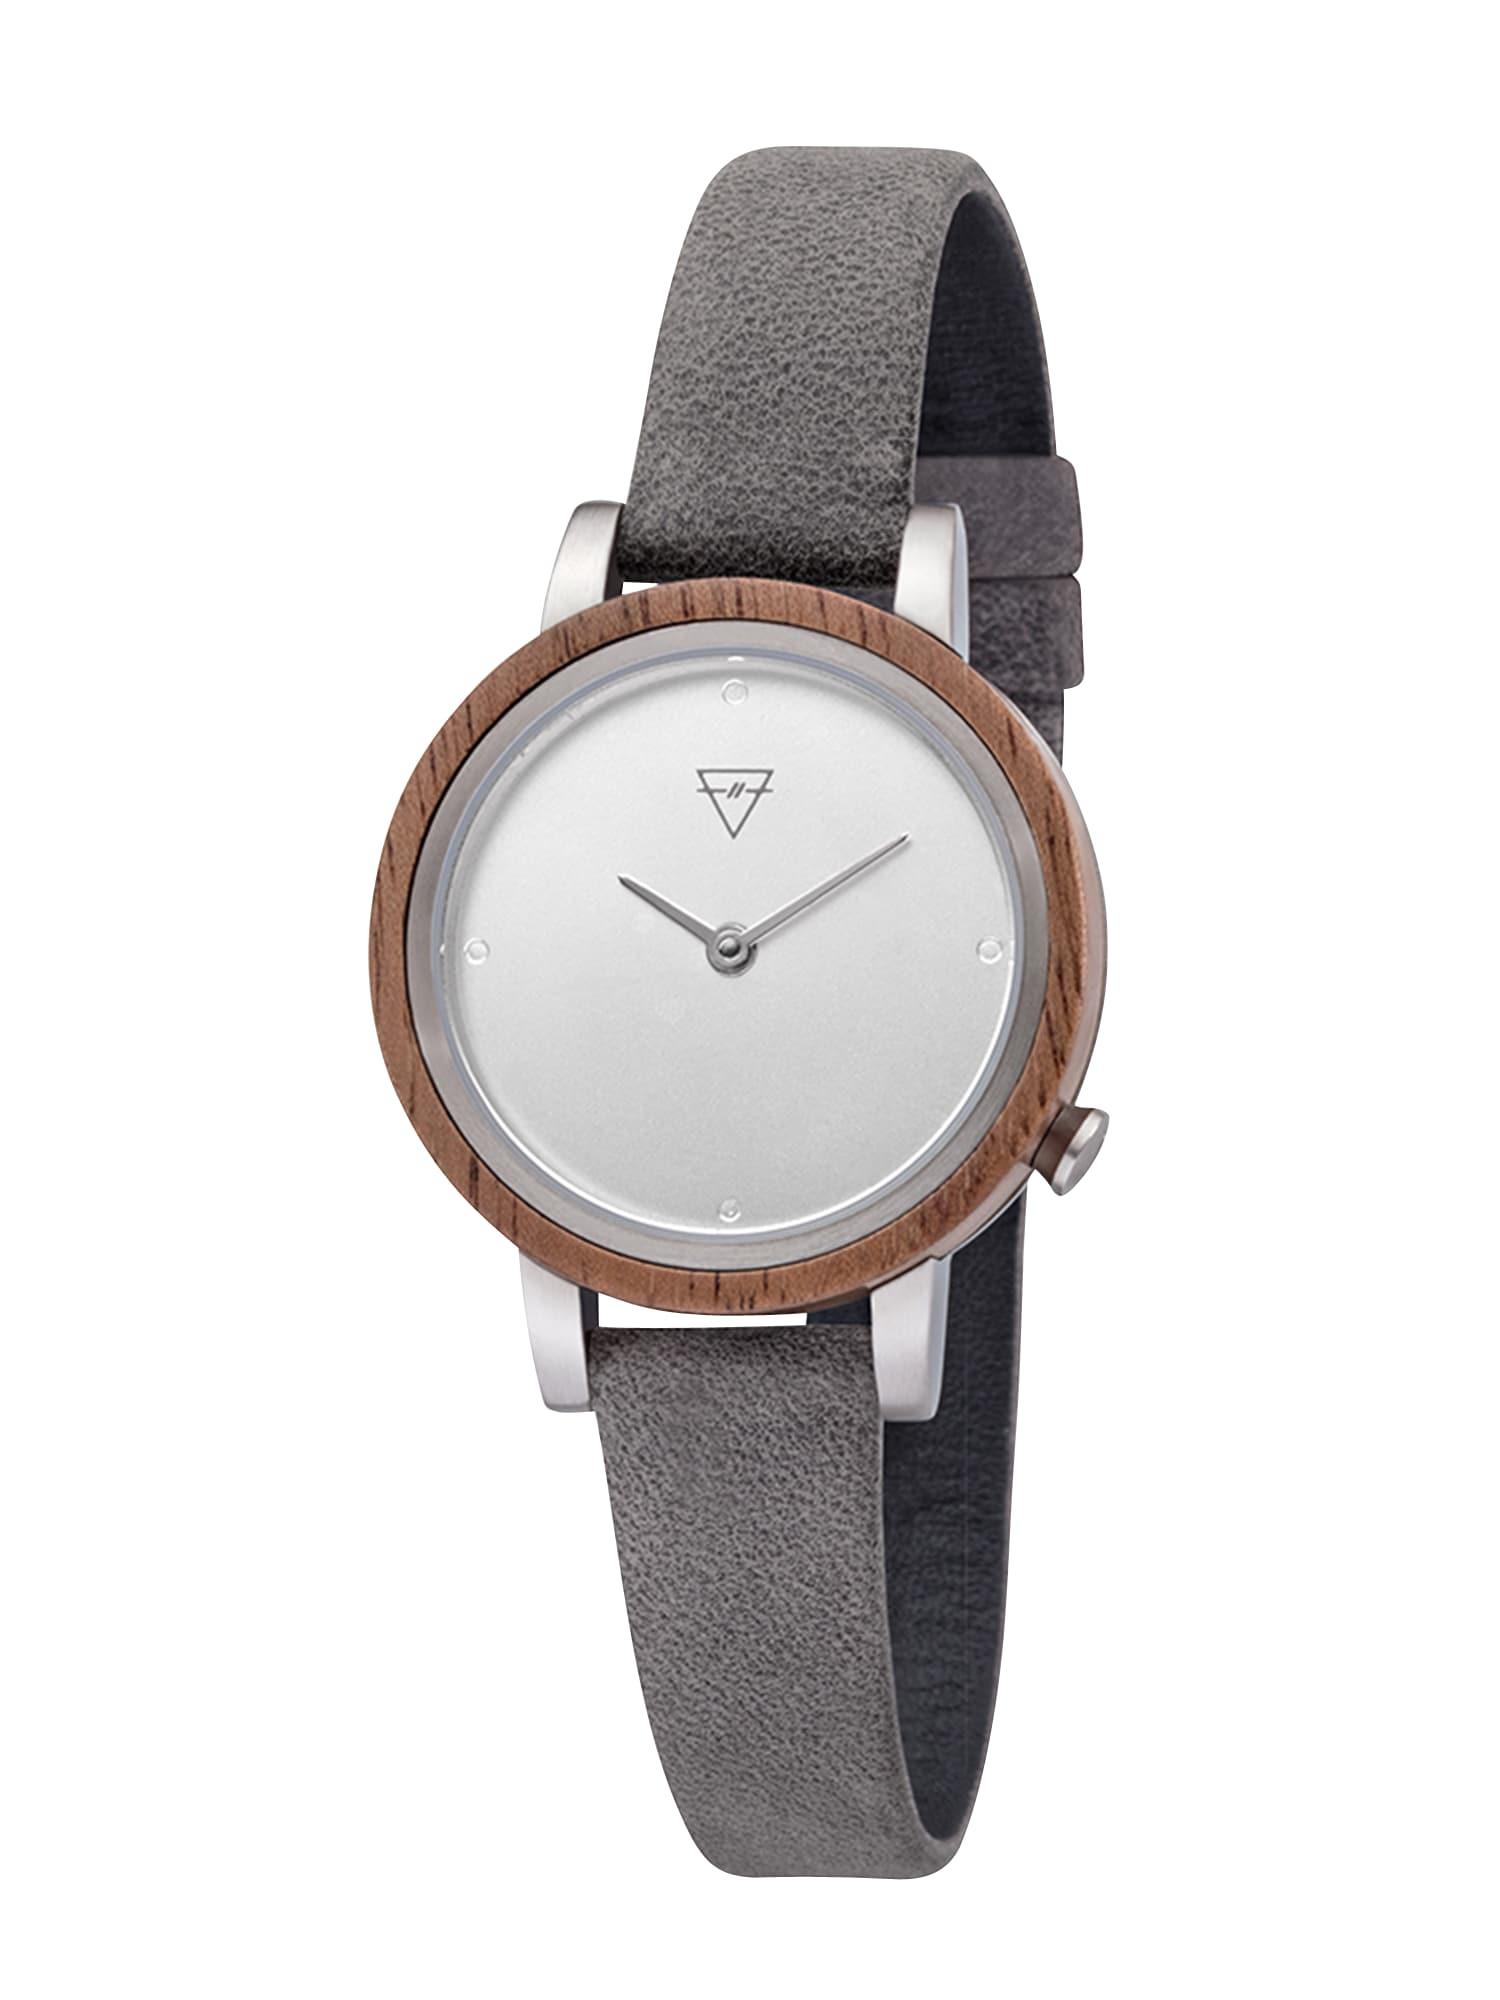 Analogové hodinky Luise tmavě šedá Kerbholz